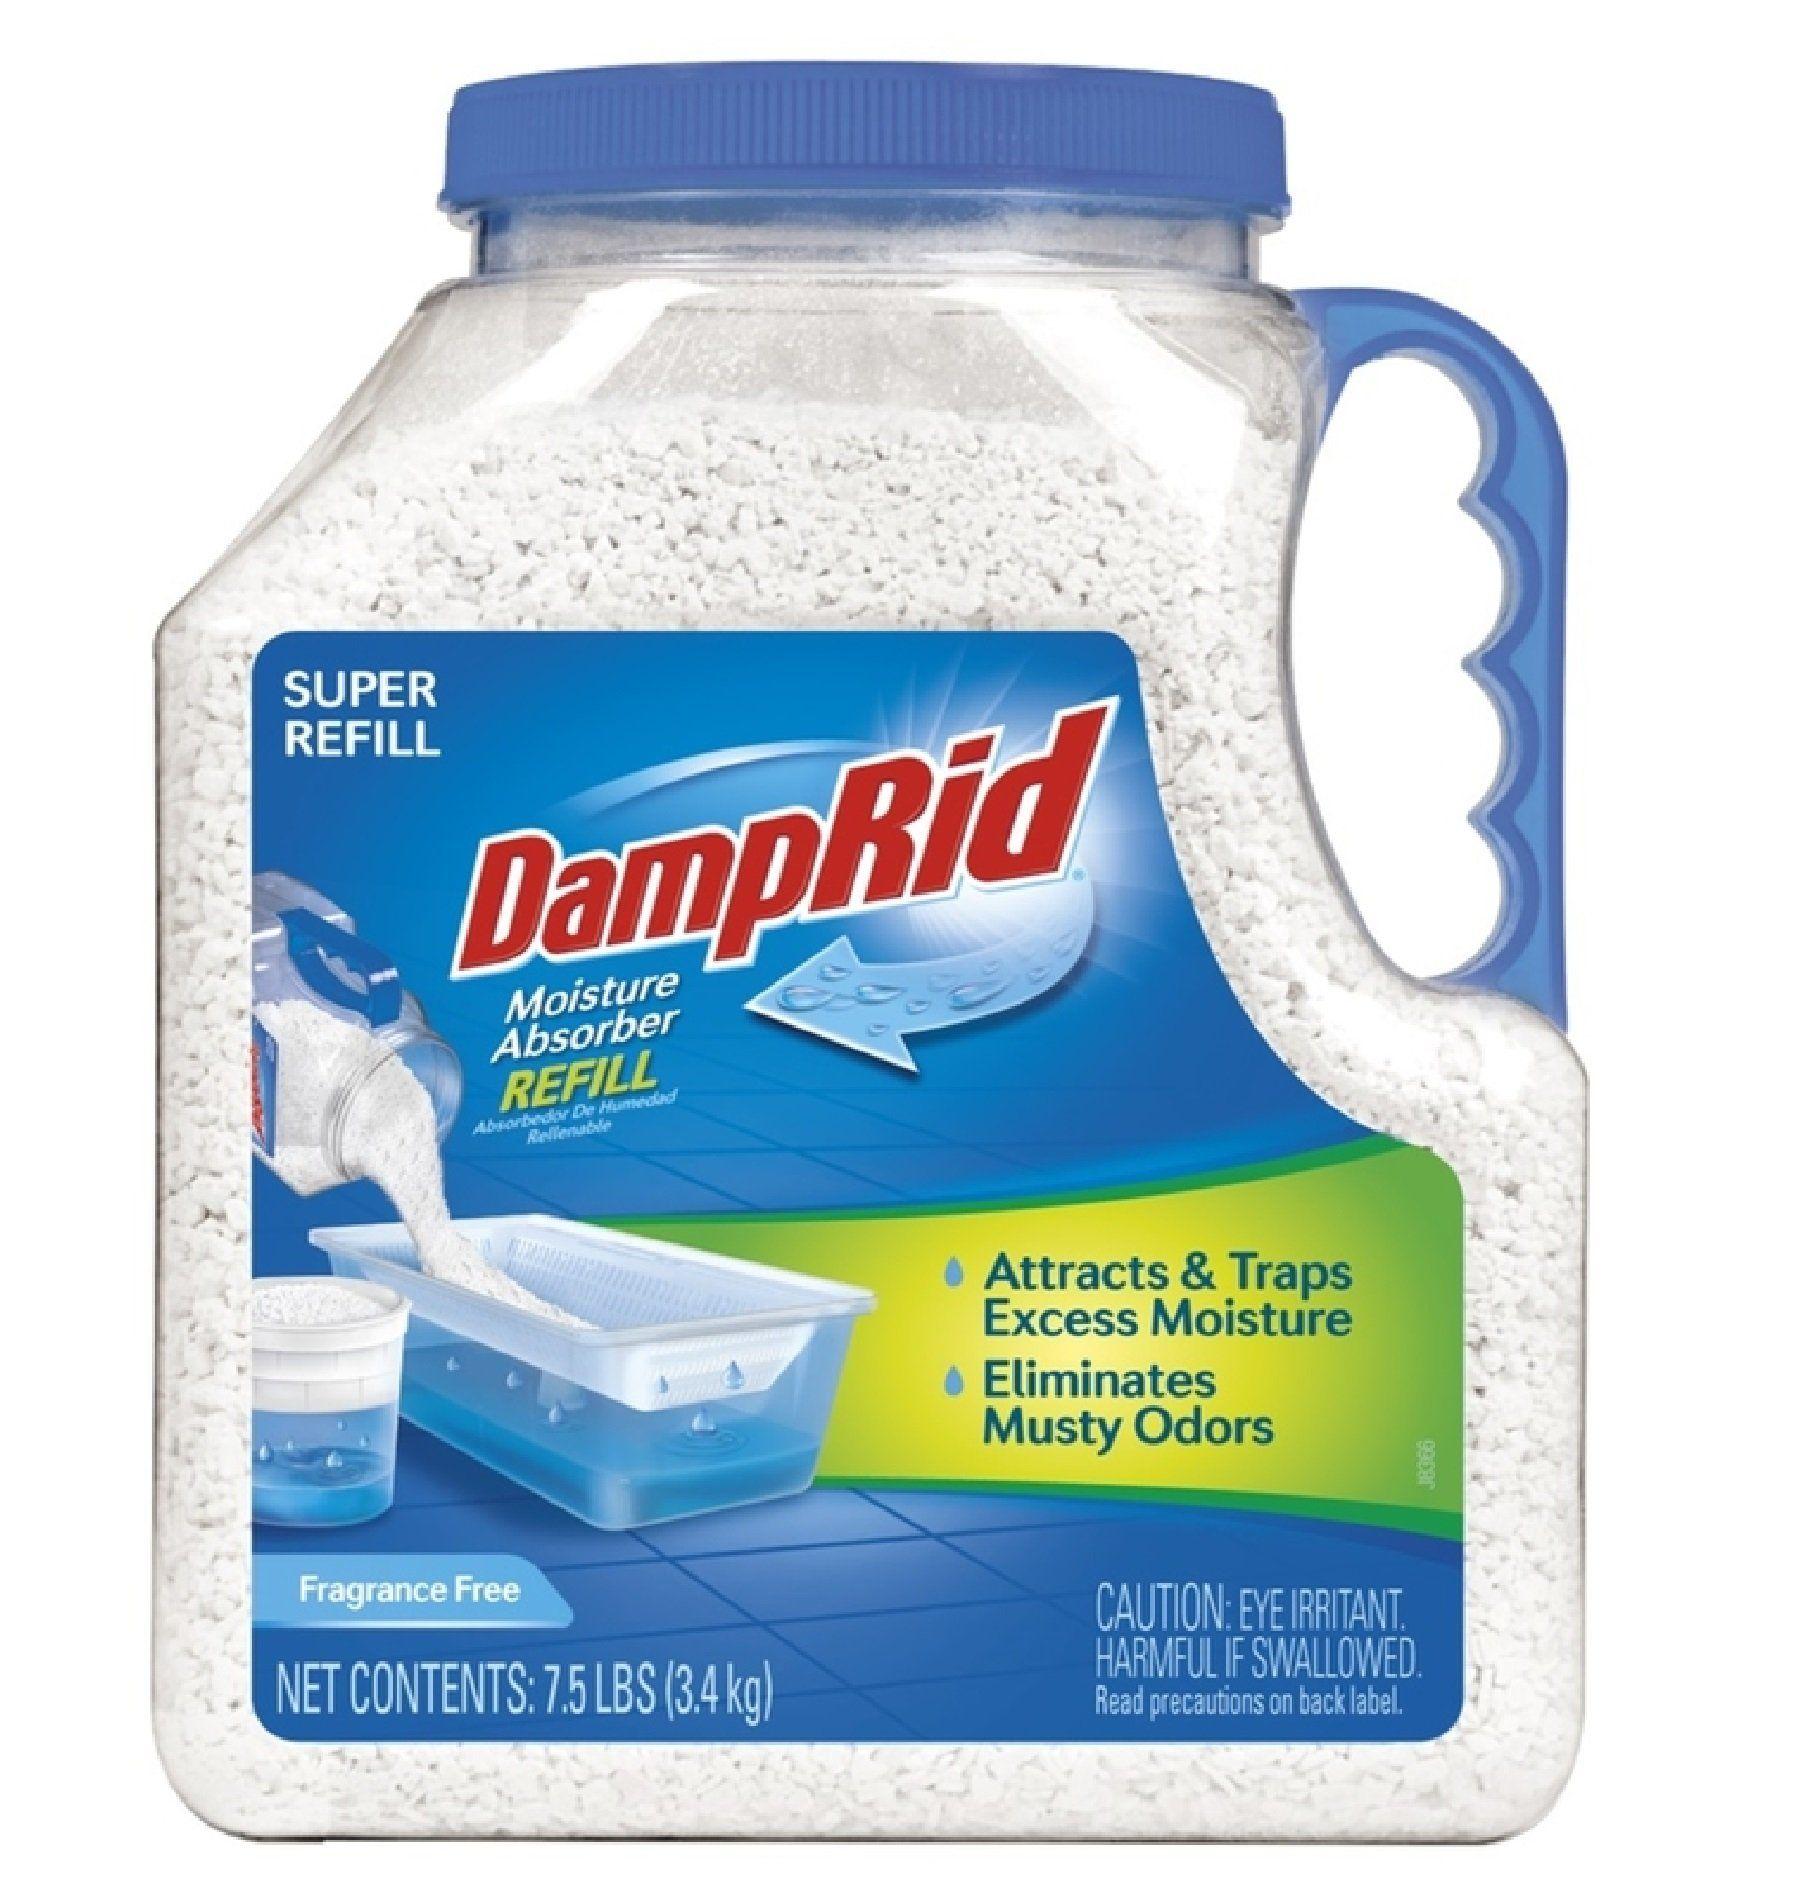 Damp rid fg37 moisture absorber refill 75 lb damp rid